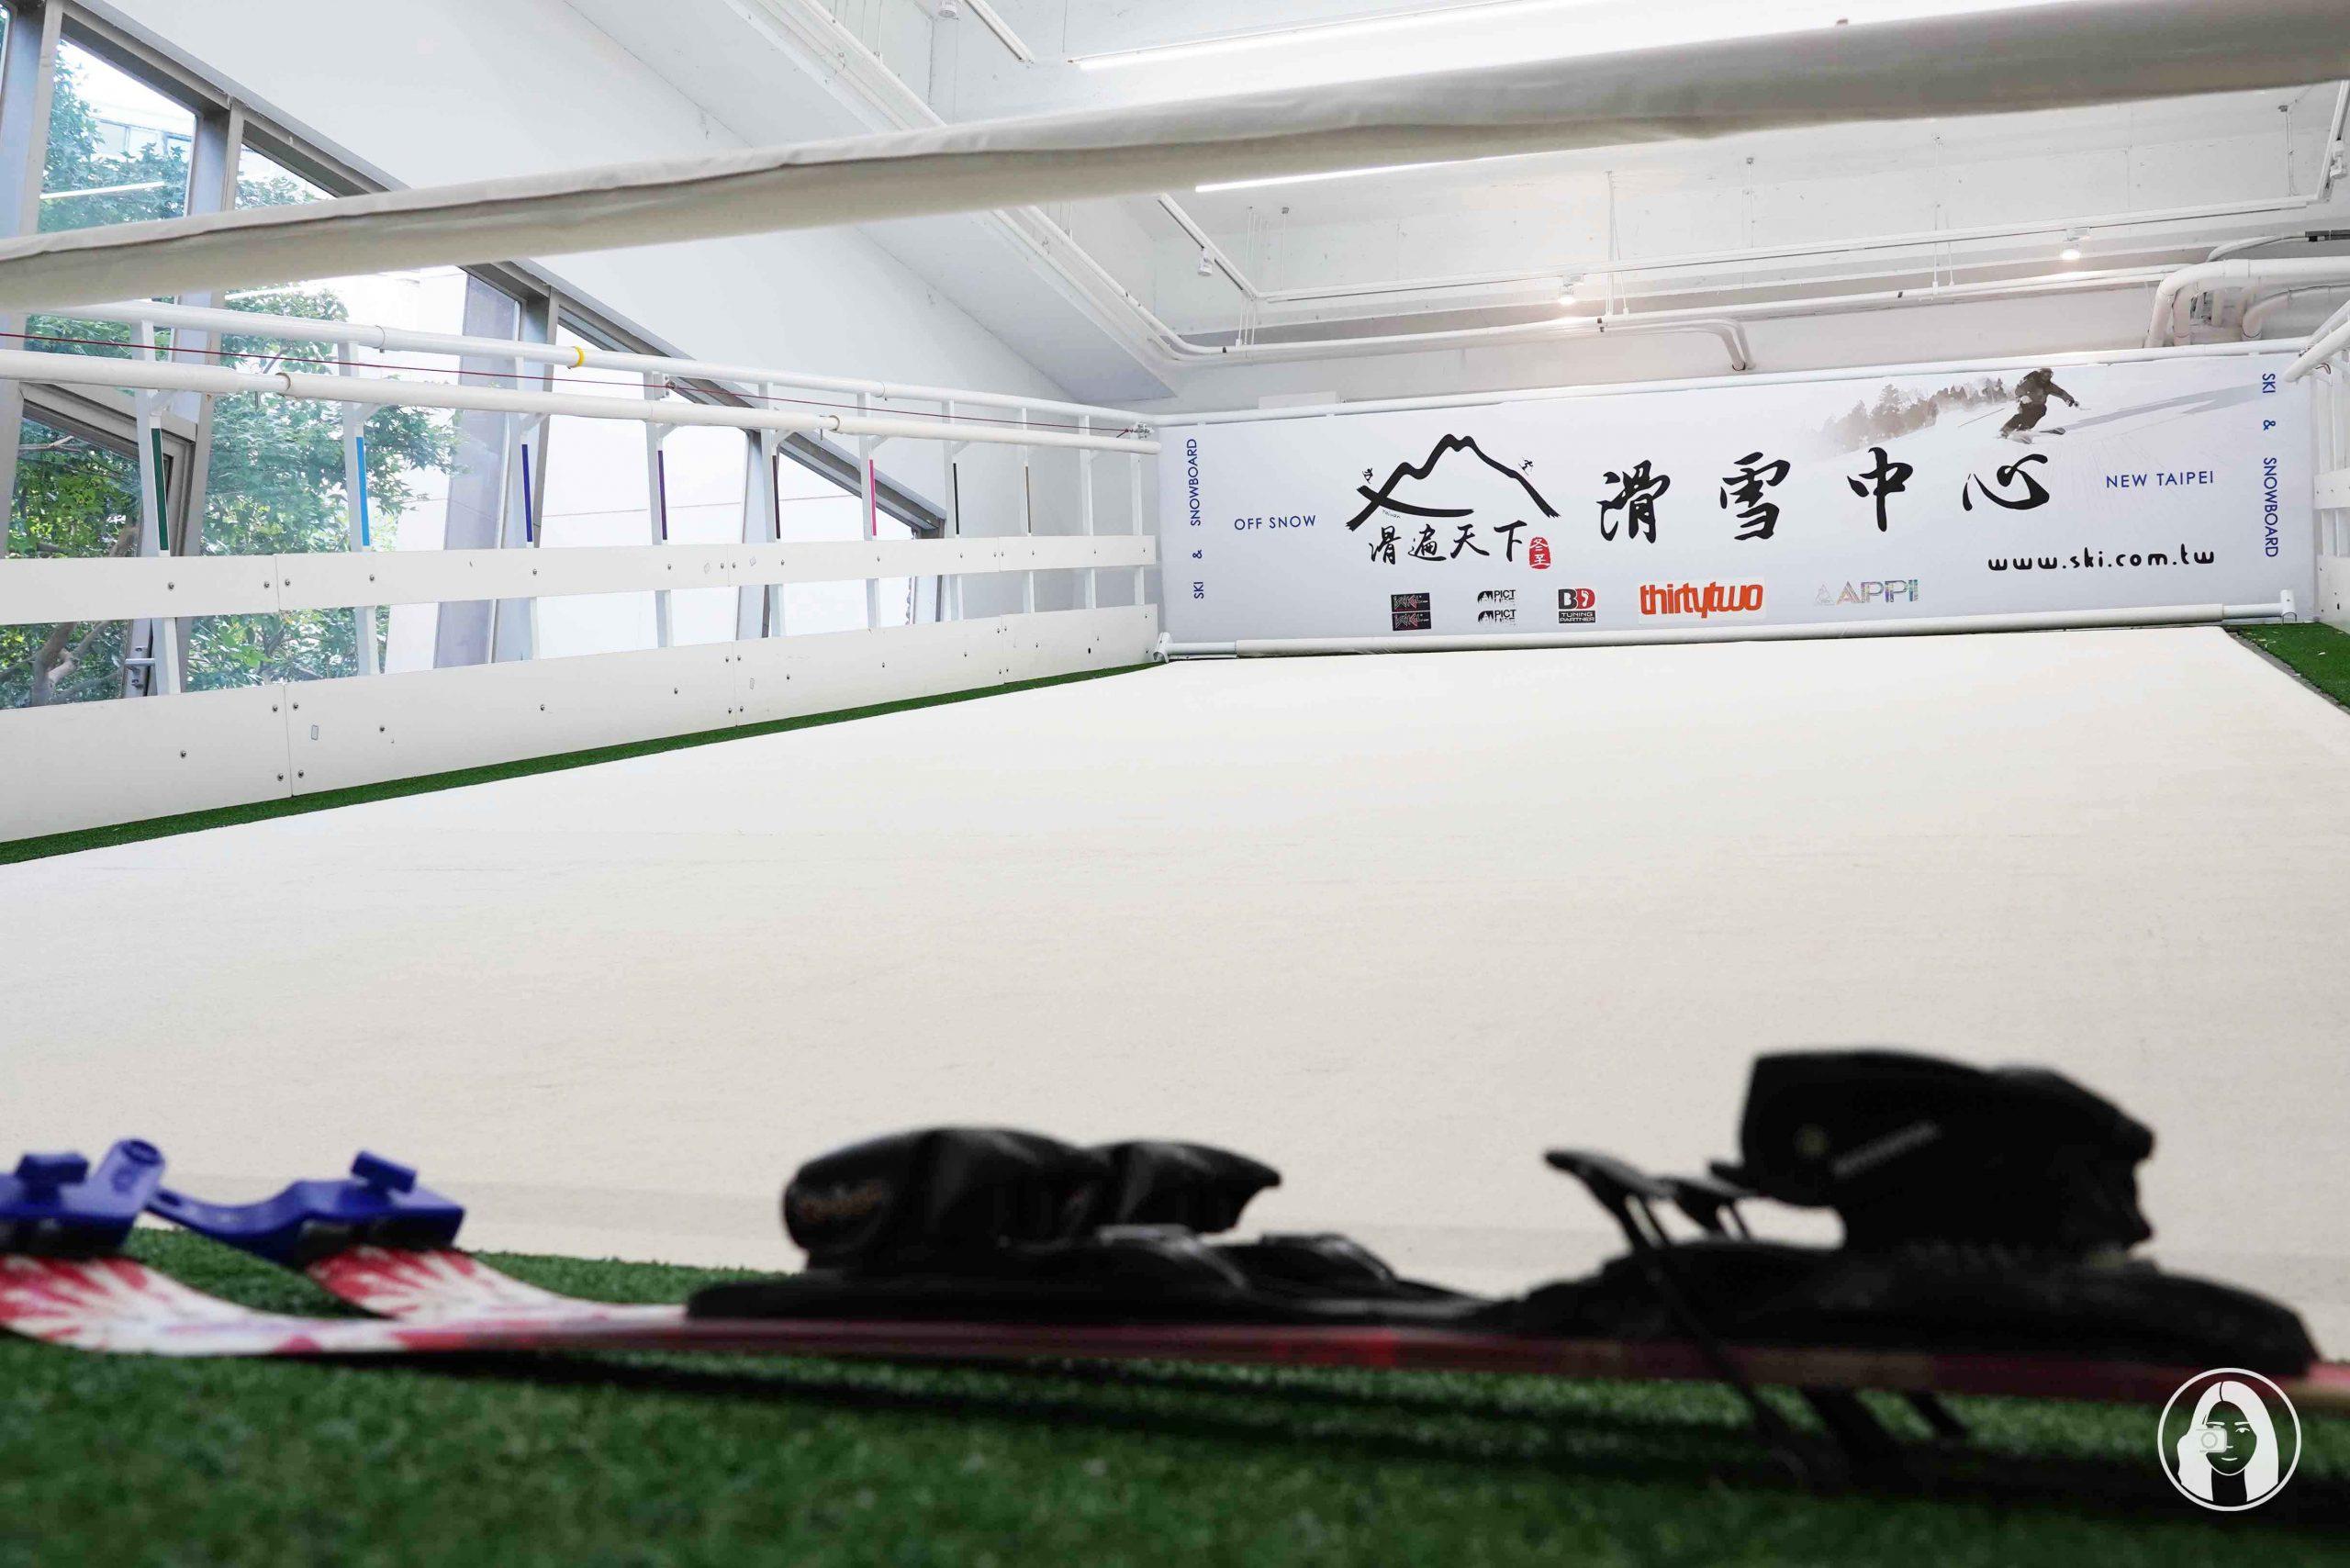 滑遍天下滑雪中心 滑雪練習機